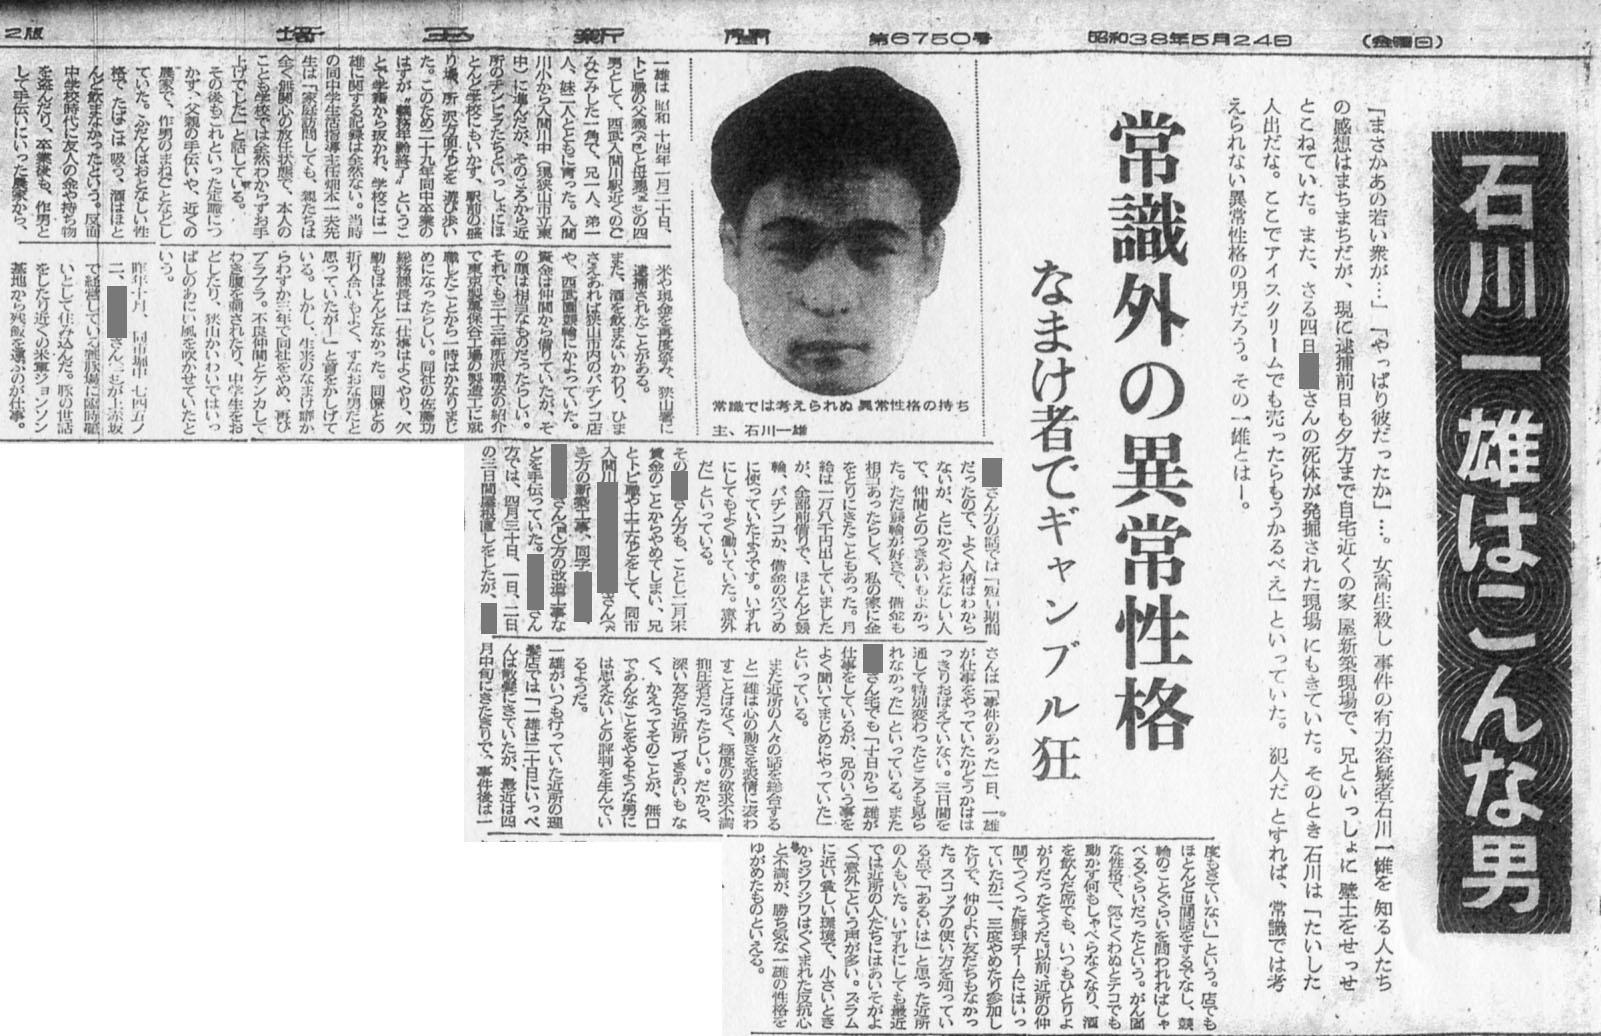 【狭山事件概要】狭山事件が発生月は、1964年の5月だ